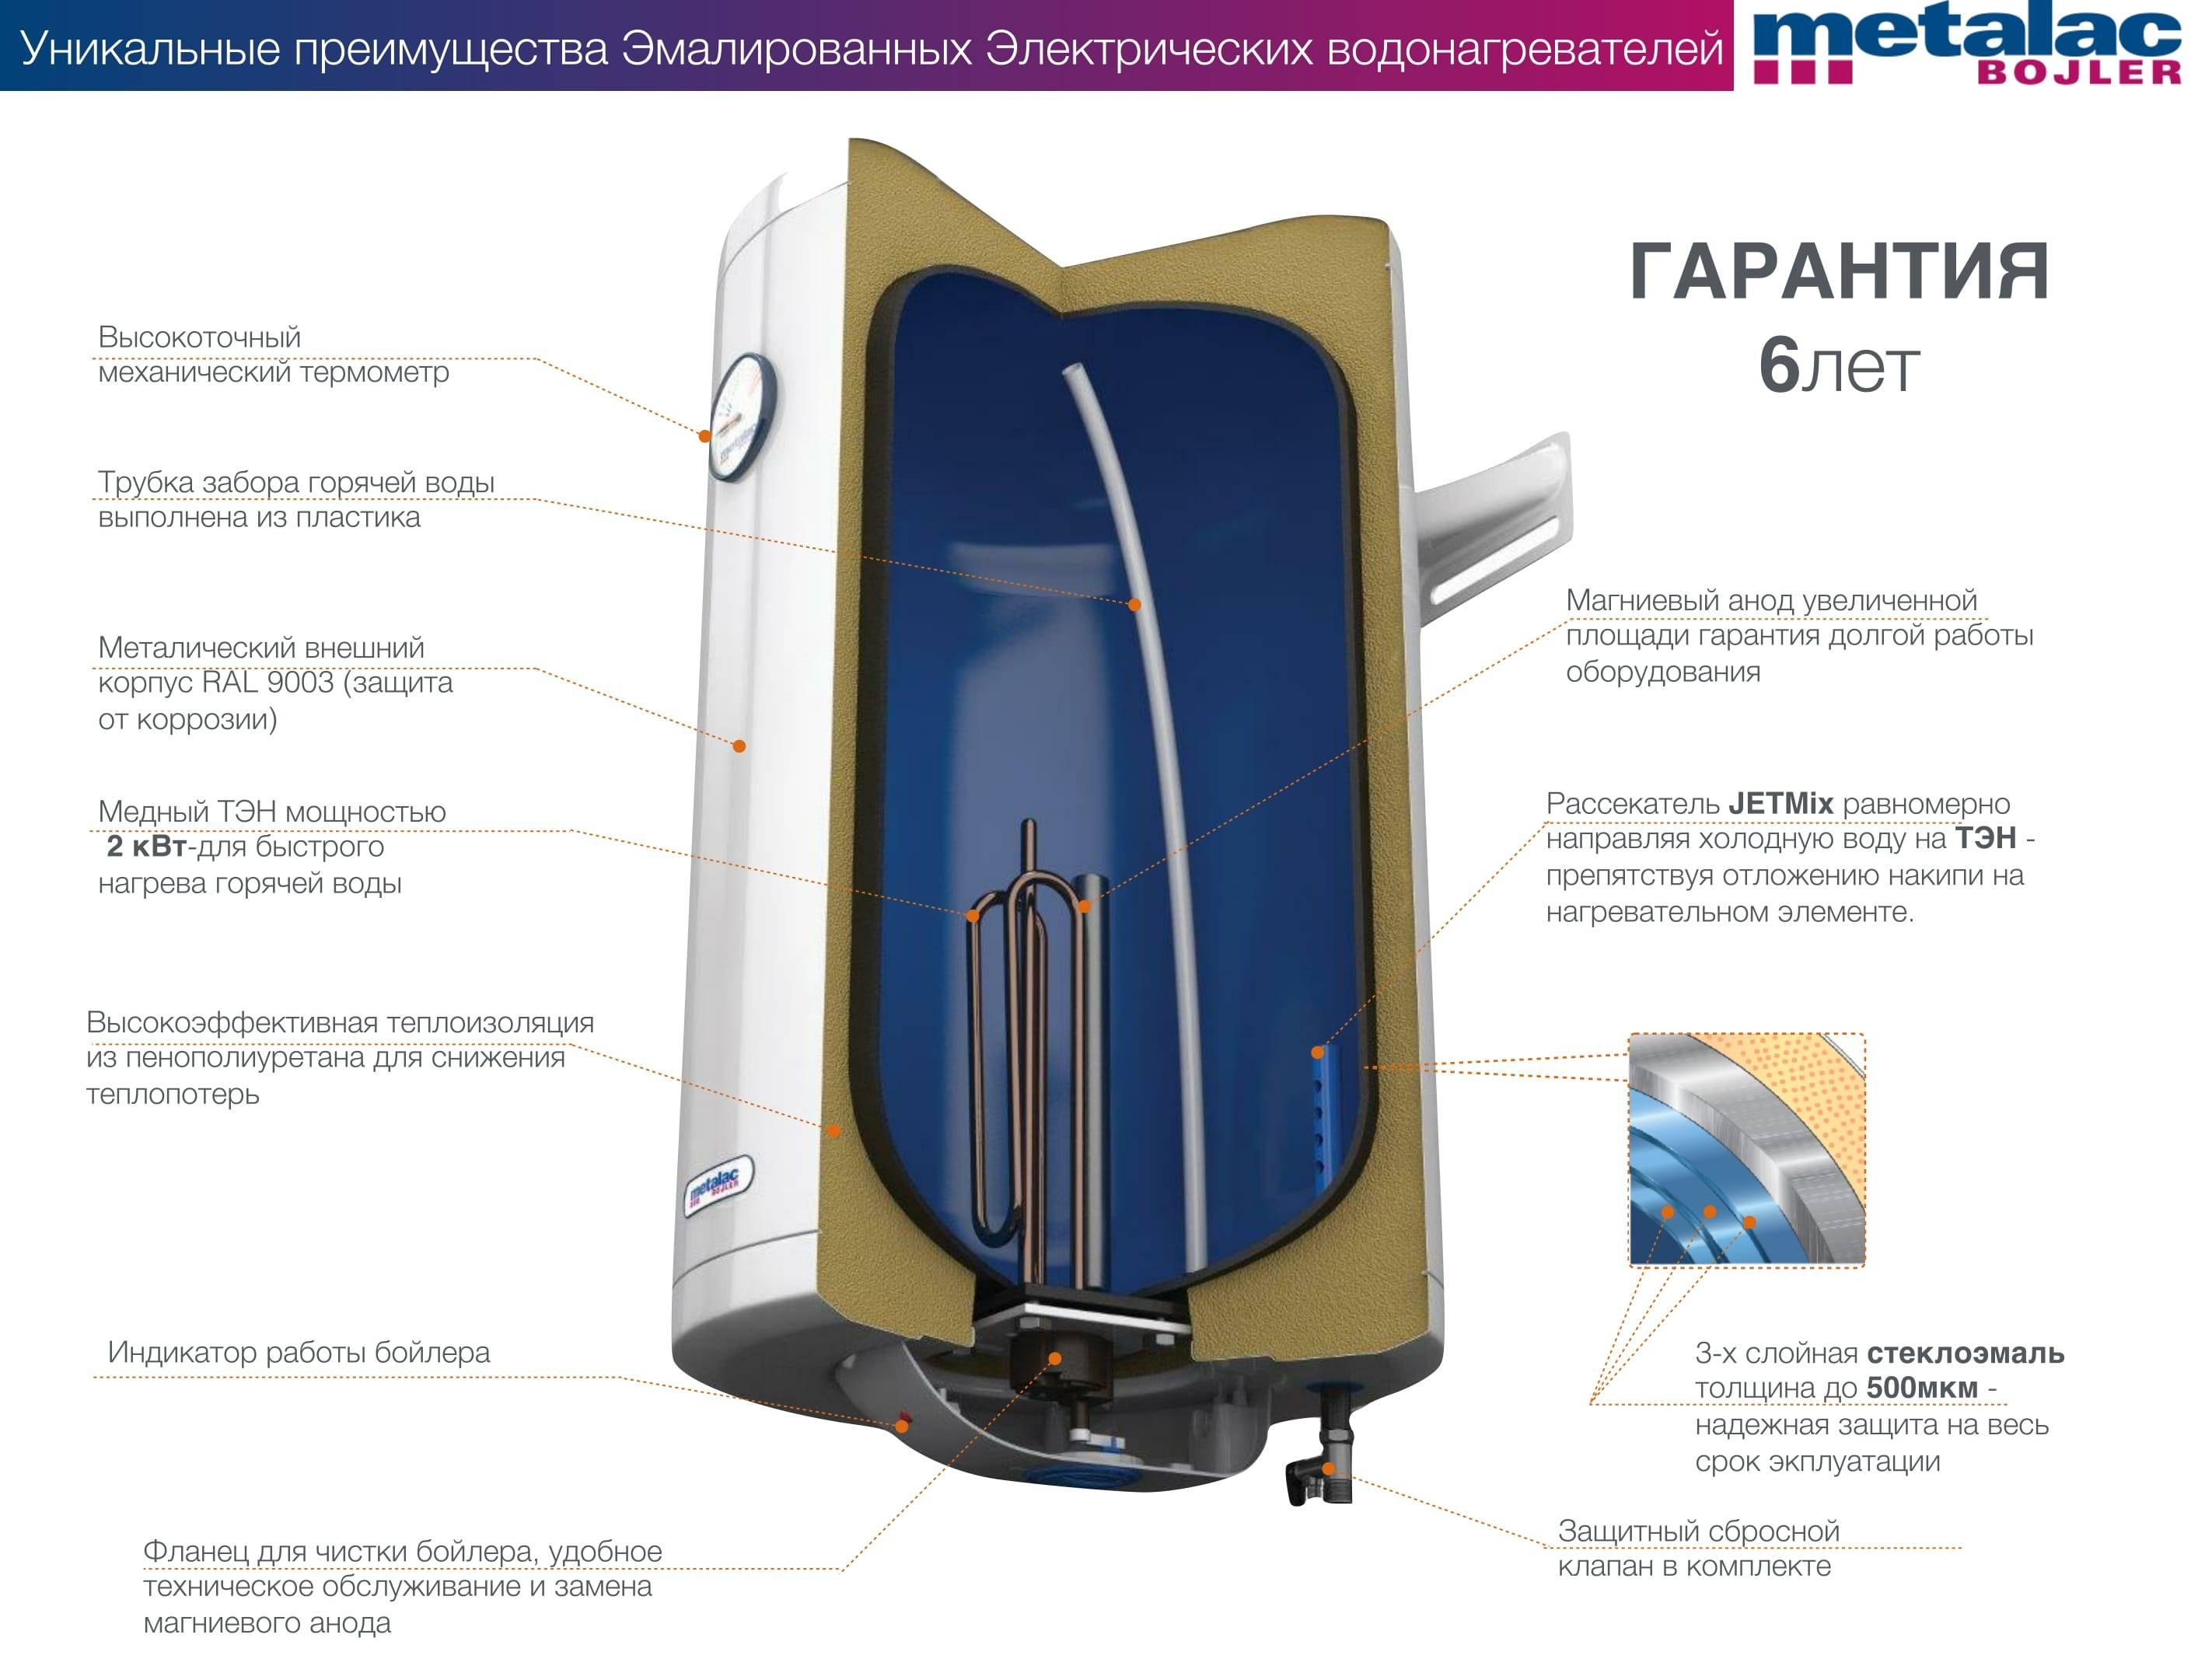 Устройство бойлера для нагрева воды и принцип работы прибора